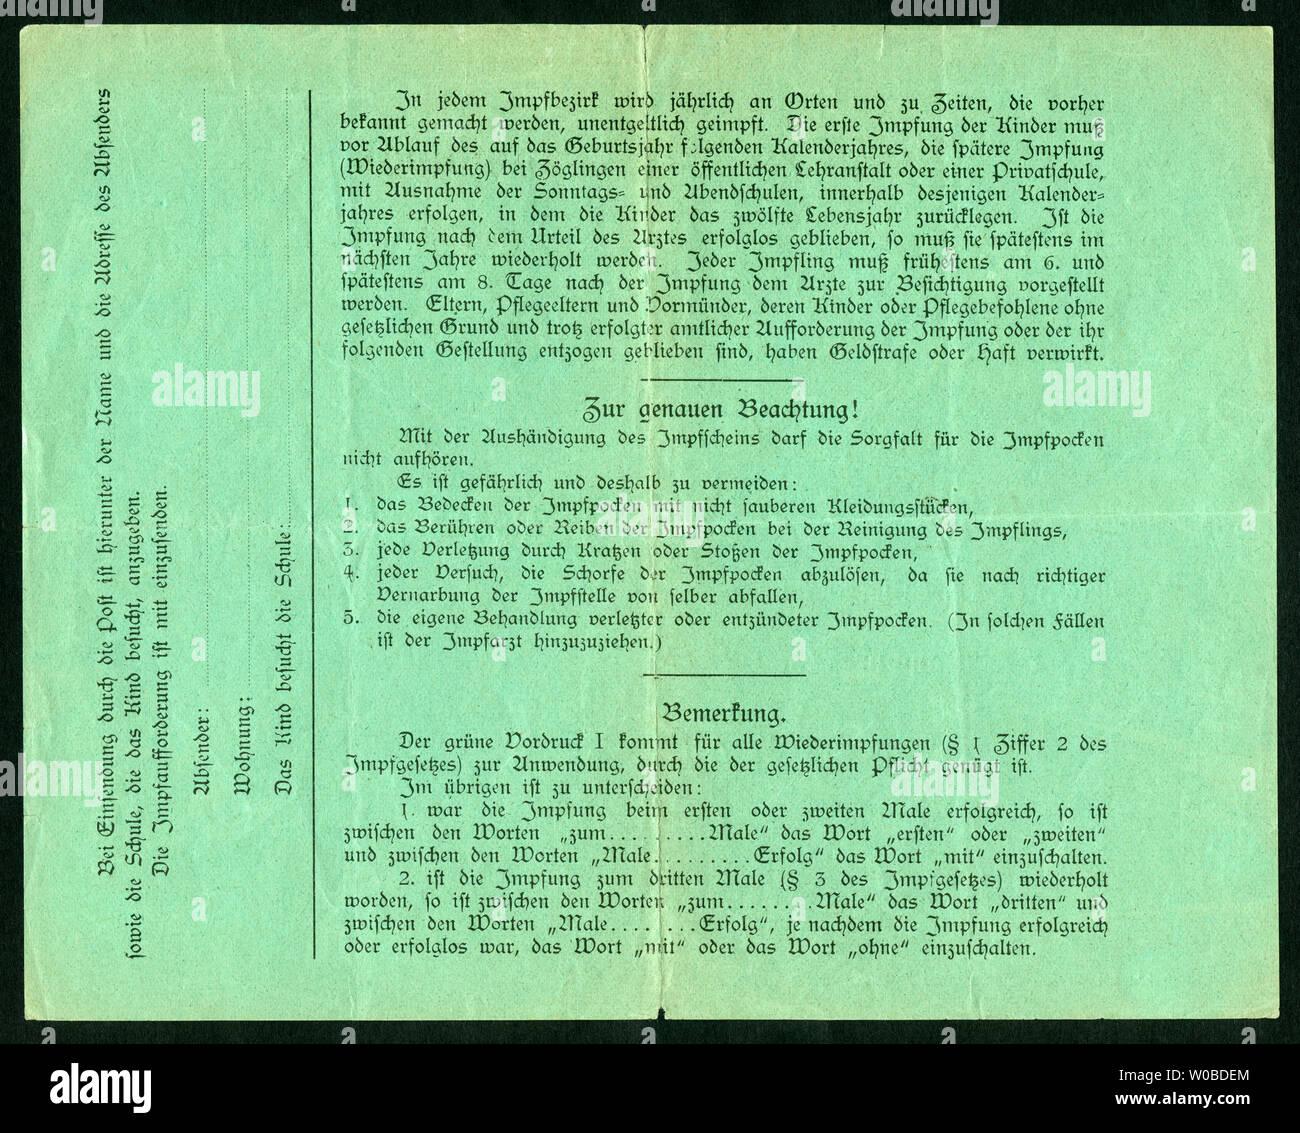 Europa, Deutschland, Hamburg,  grüner Impfschein ( Wiederimpfung ), Rückseite, ausgestellt am 19. 12. 1925, siehe auch Nr. 1006003 . /  Europe, German Stock Photo